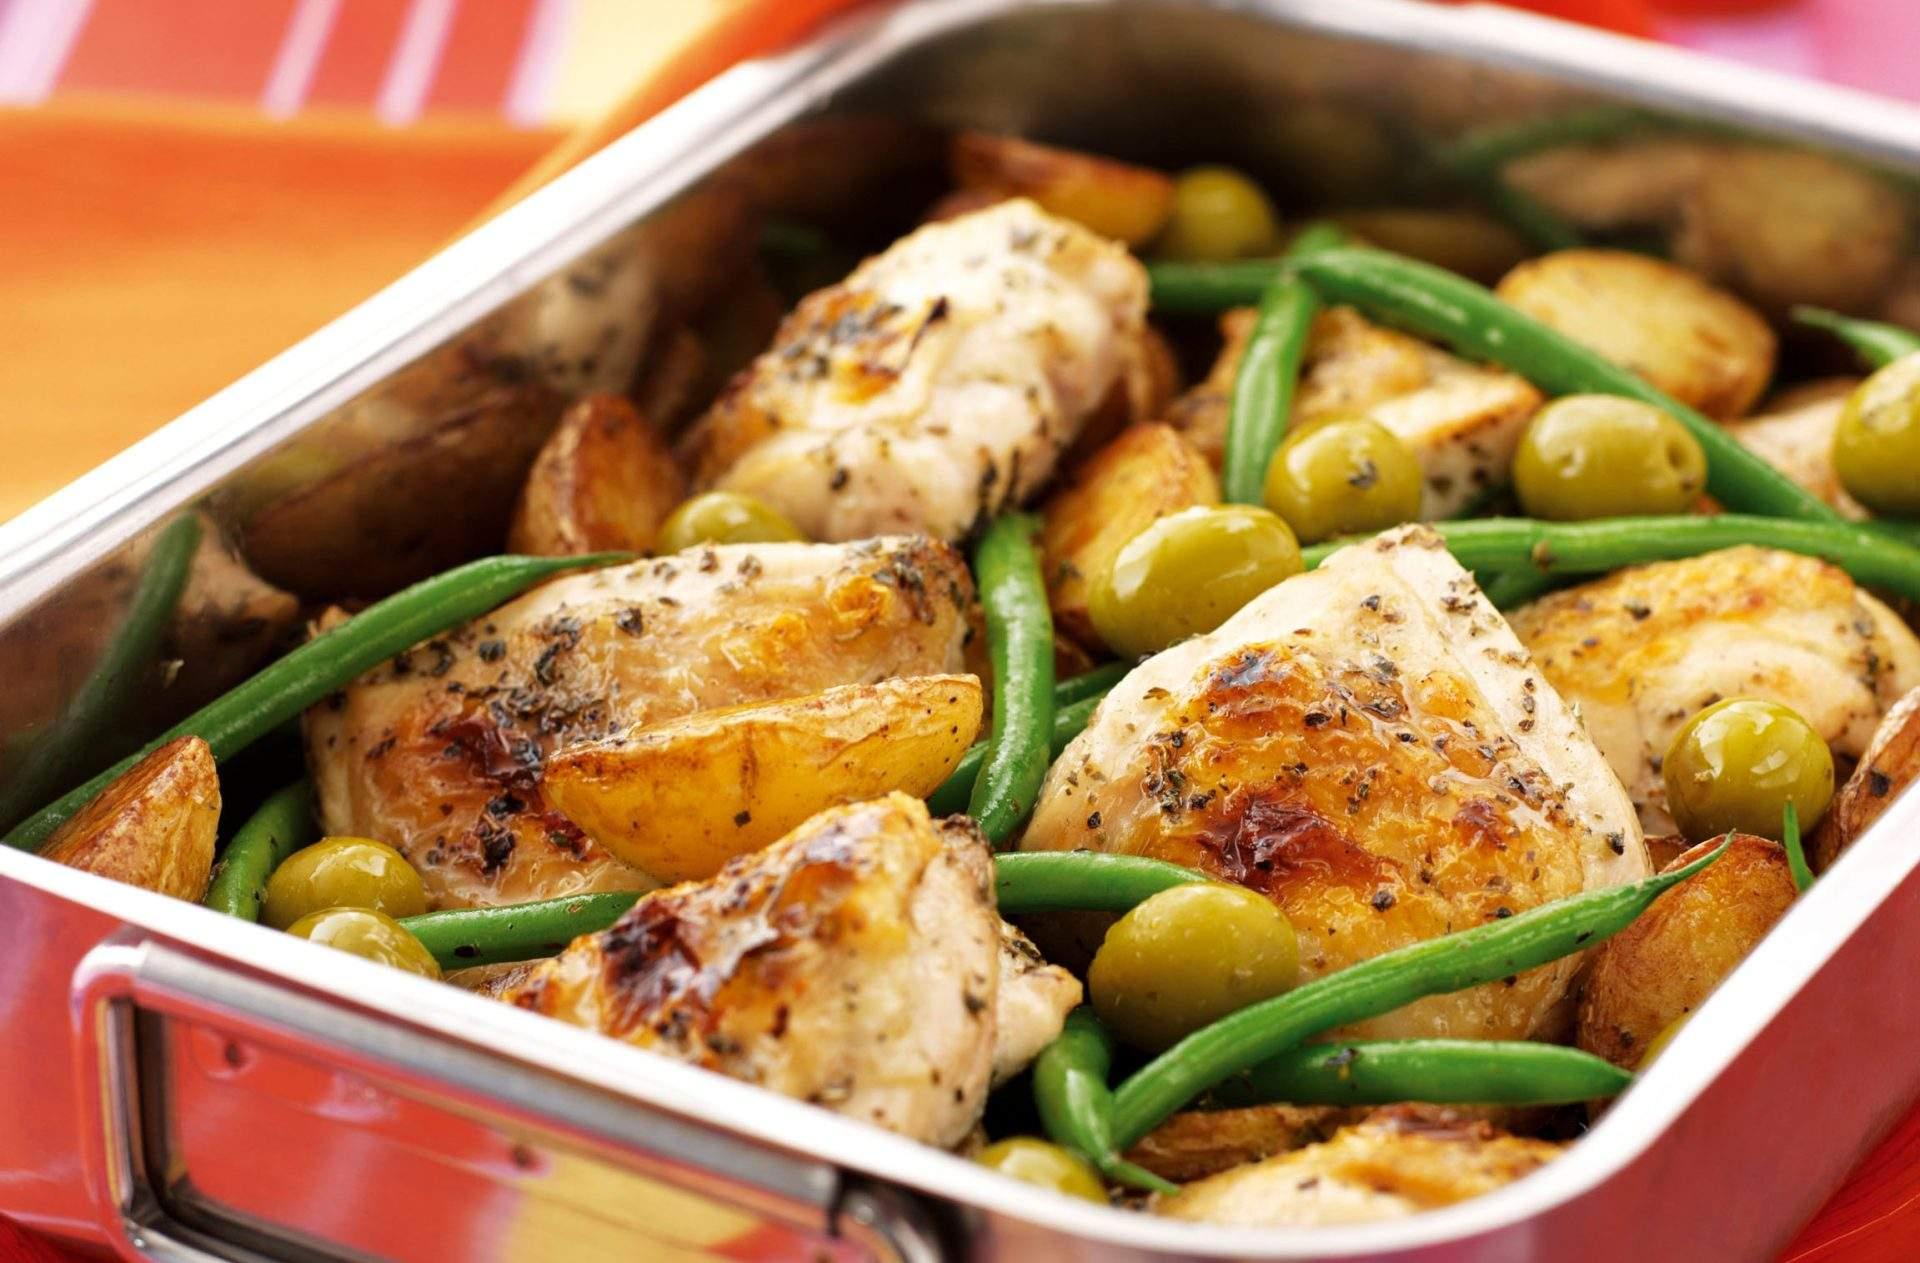 Pollo al limón a la plancha con patatas ¡Esta receta de pollo a la parrilla con papas y limón es lo perfecto para una cena rápida que solo usa una sartén! Obtén la receta aquí